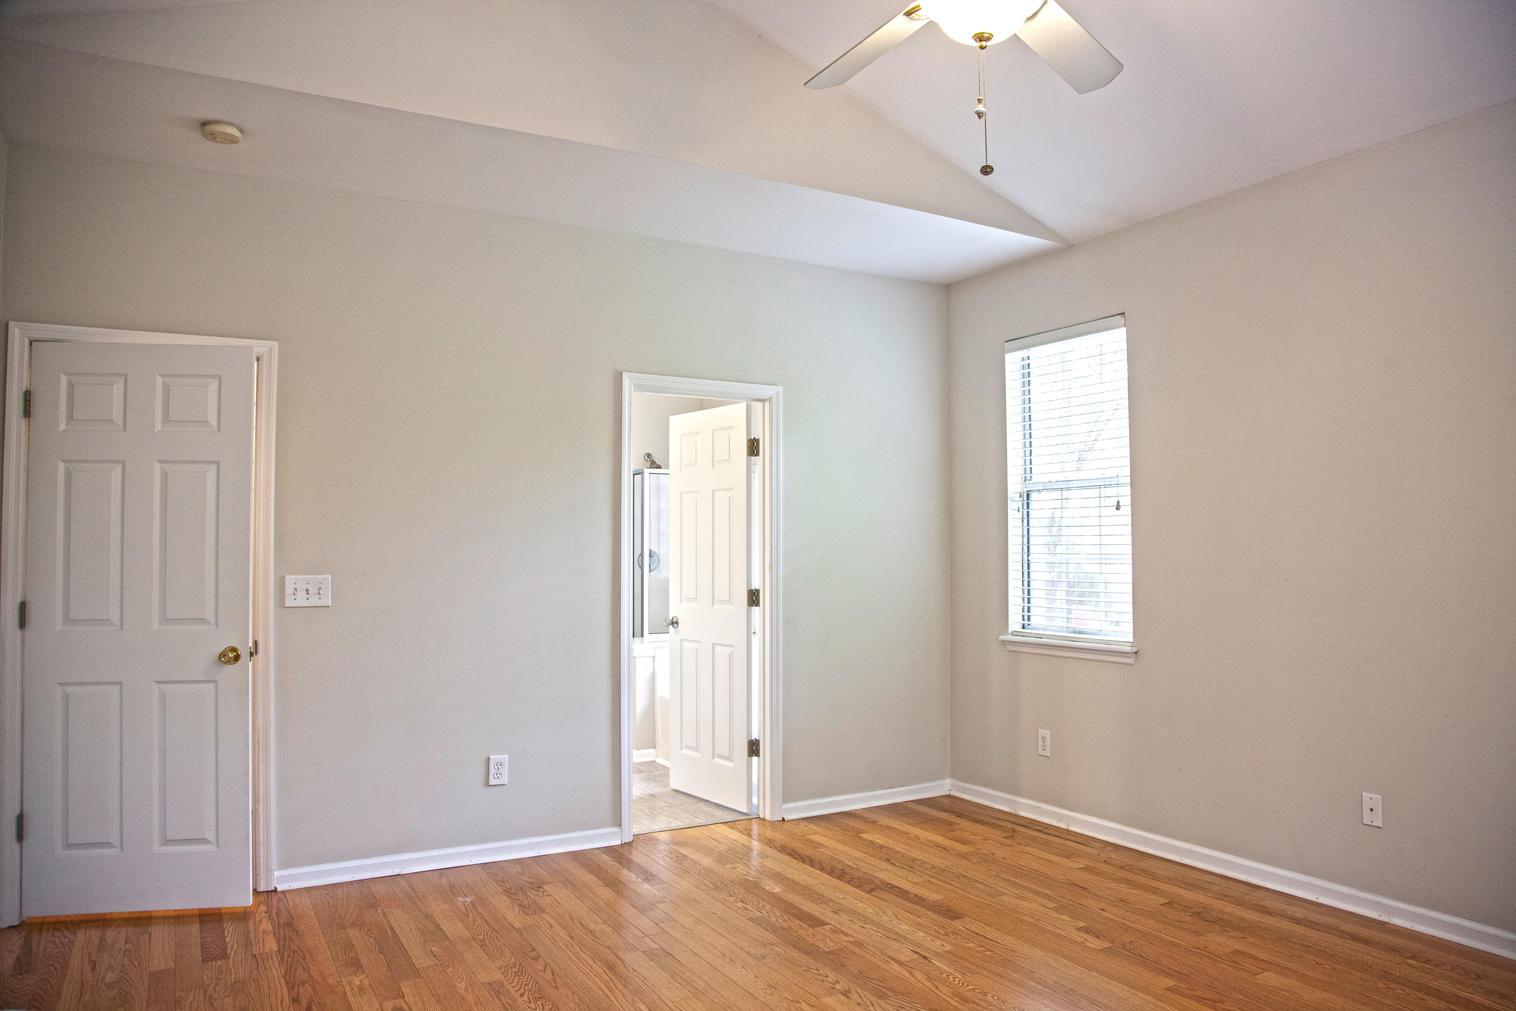 Park West Homes For Sale - 3190 John Bartram Place, Mount Pleasant, SC - 45